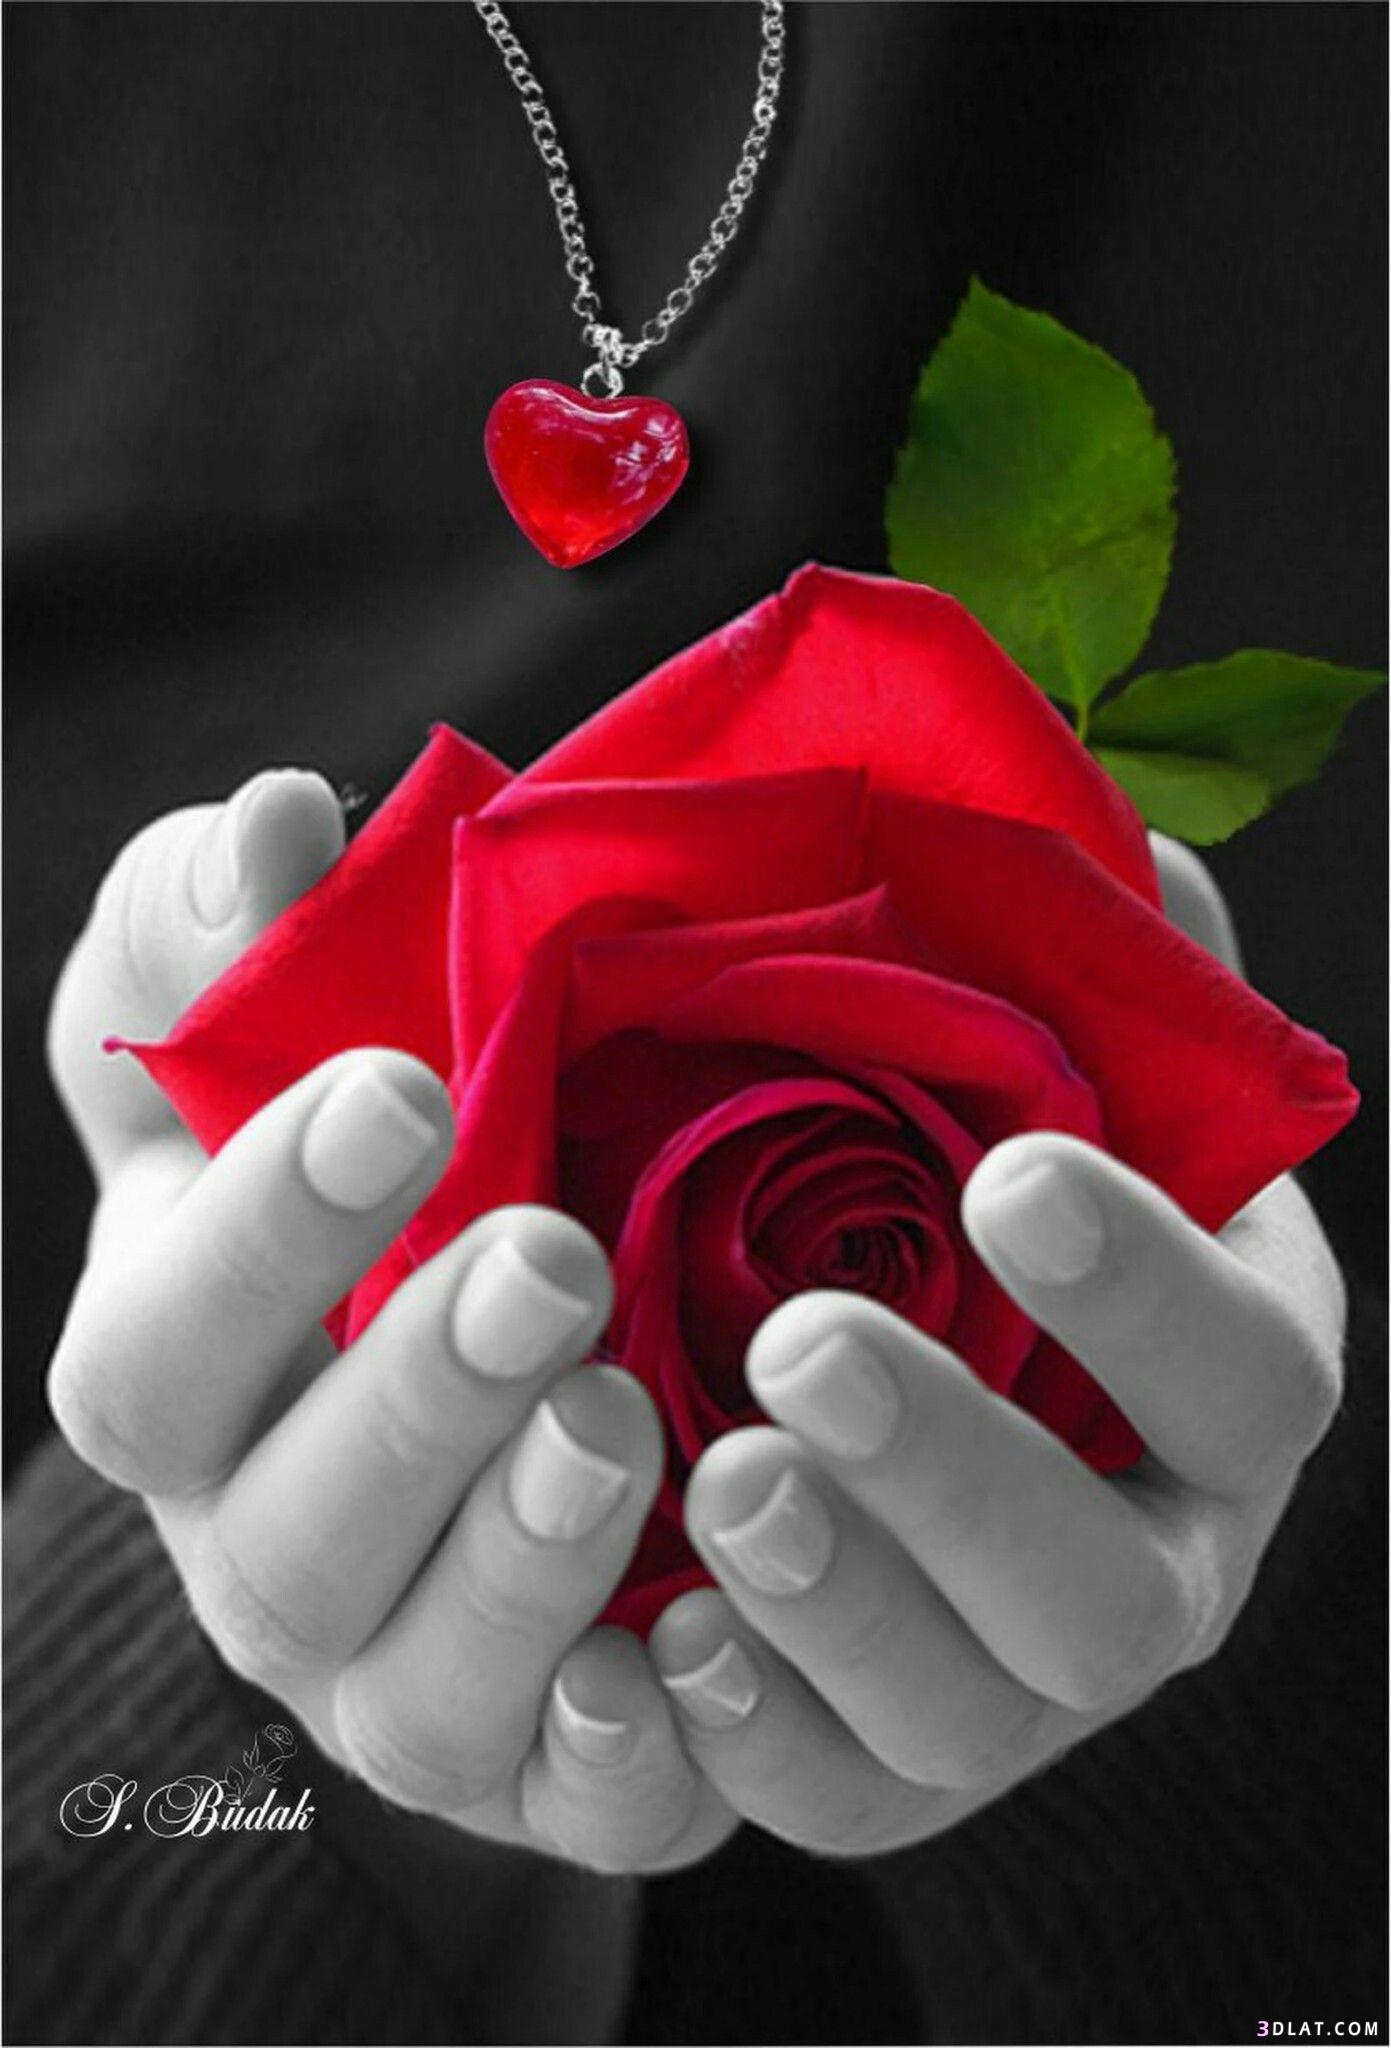 رومانسيه متحركه للاحباب للزوجين والحبيبين اجدد 3dlat.com_16_18_9c65